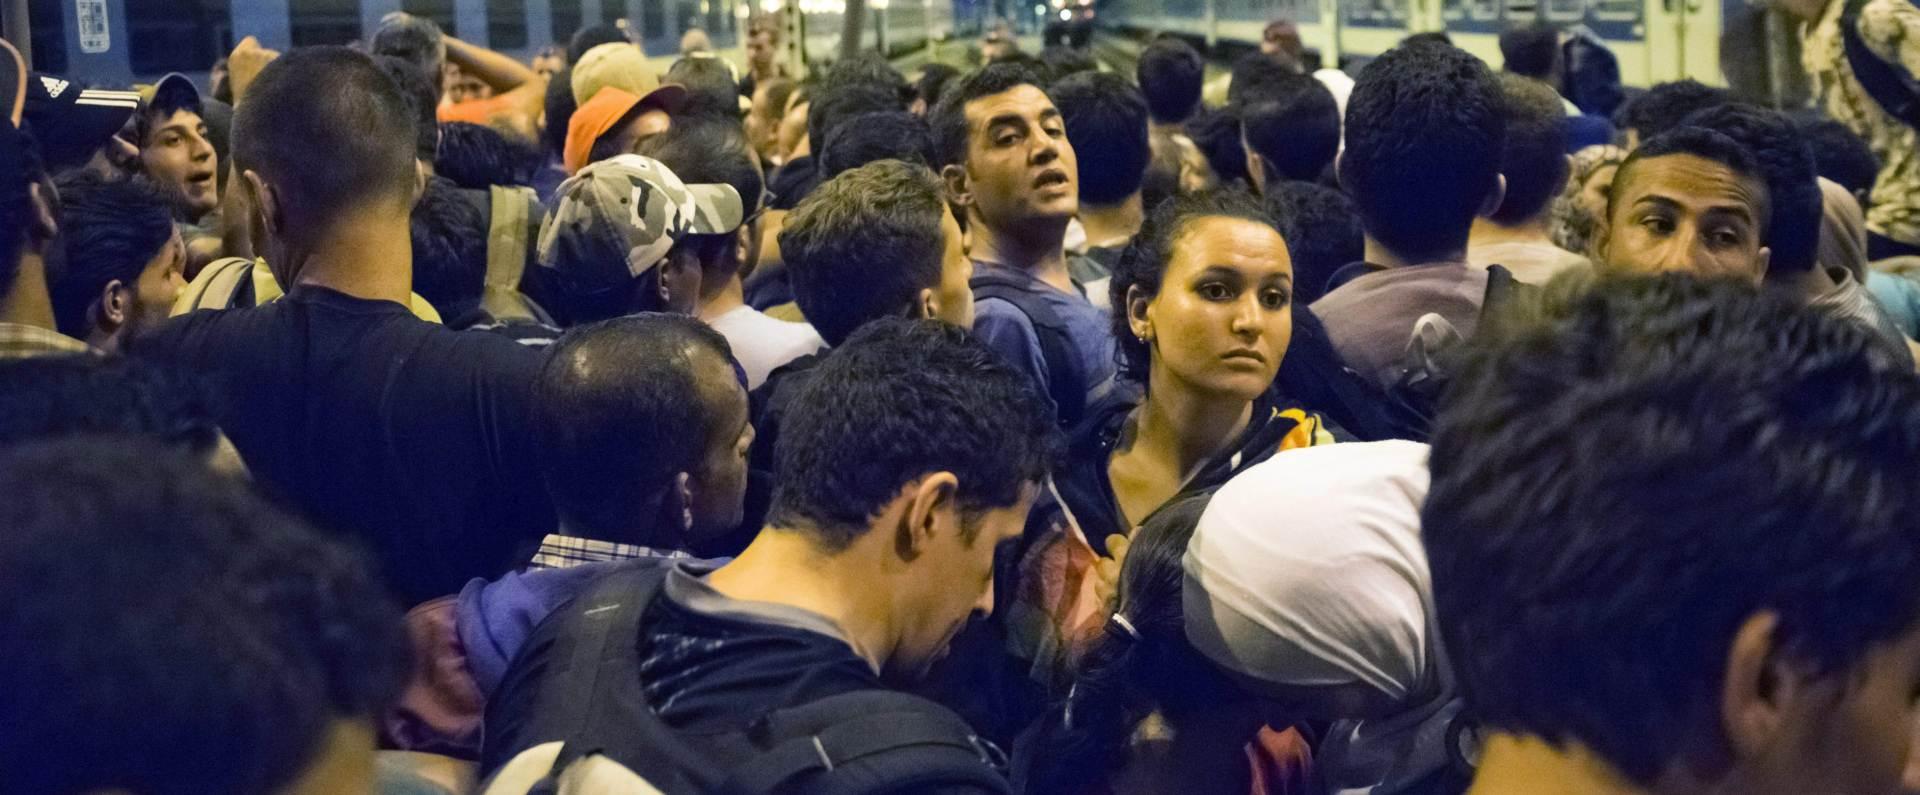 NAKON PROSVJEDA: Migranti upali u francusku luku Calais i popeli se na britanski trajekt